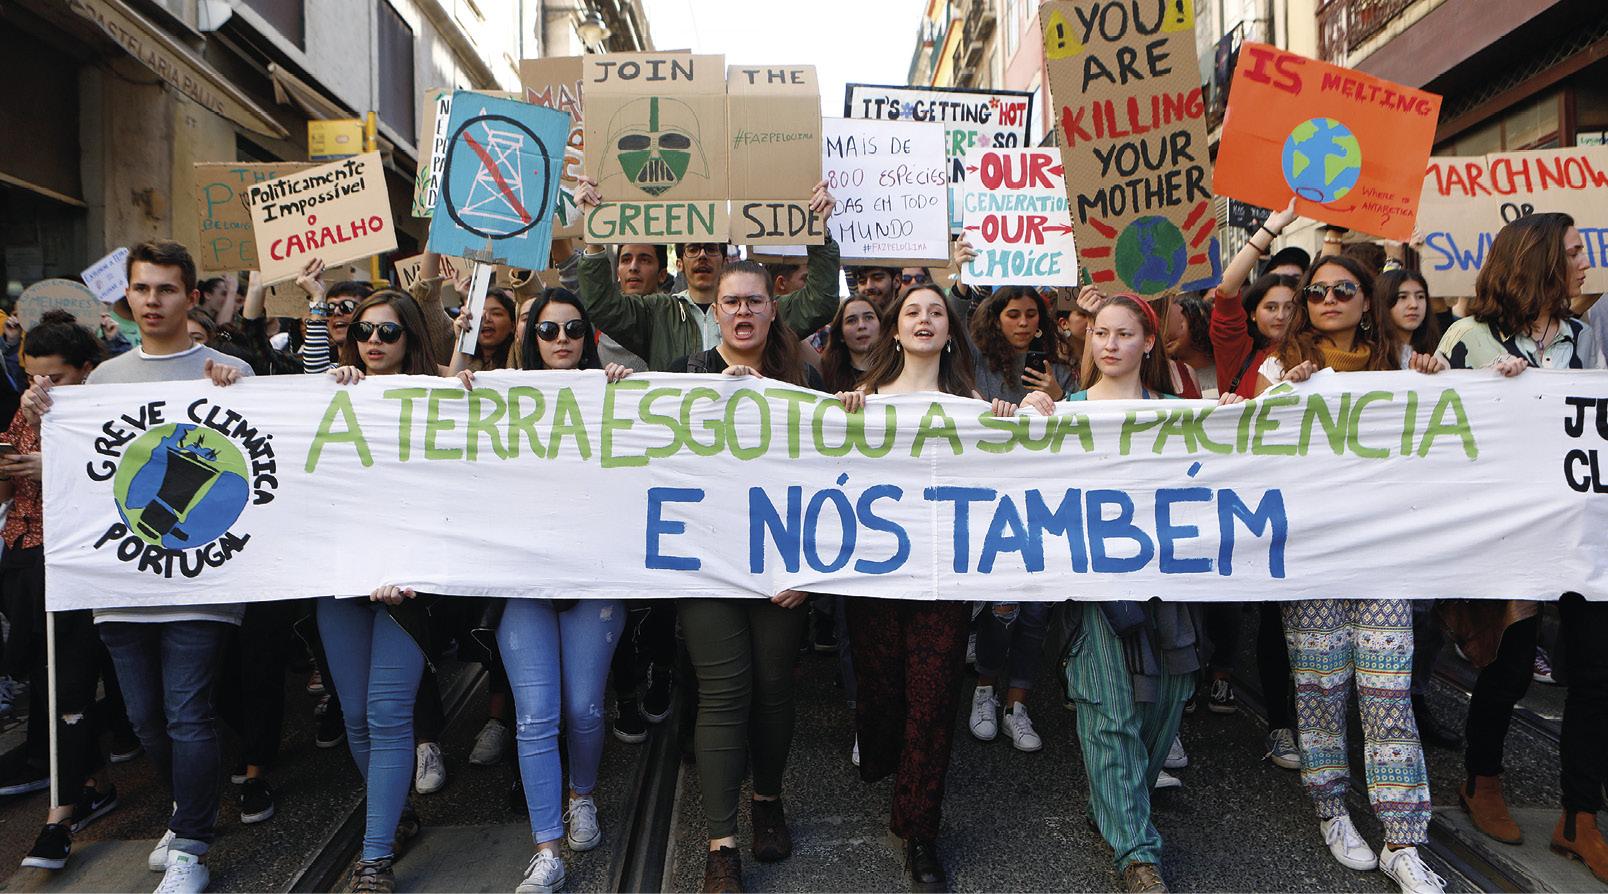 """Estudantes portugueses associados ao movimento """"Greve à Escola pelo Clima"""", exibem uma faixa onde se lê """"A Terra Esgotou A sua Paciência - E Nós Também"""" durante uma manifestação para exigir que a crise climática seja uma prioridade governamental, Lisboa, 15 de março de 2019. Foto António Pedro Santos/LUSA."""